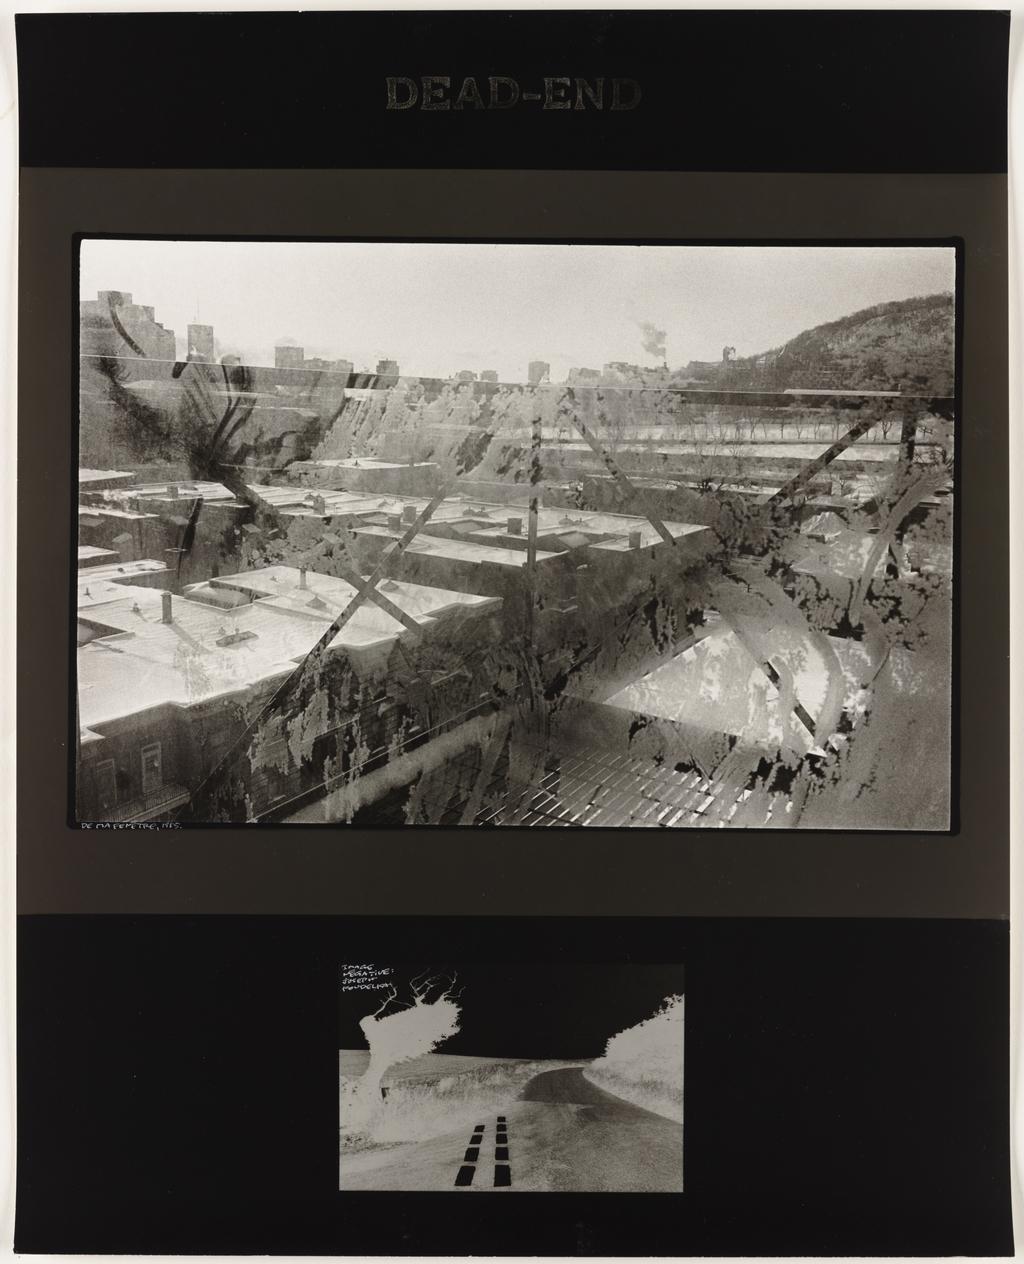 Fenêtre, 1985 (haut); Image négative : Josef Koudelka, extrait de l'album Photo poche, Paris, « Dead-end », 1988 (bas), de la série Les Tremblements du coeur, troisième séquence 7/8